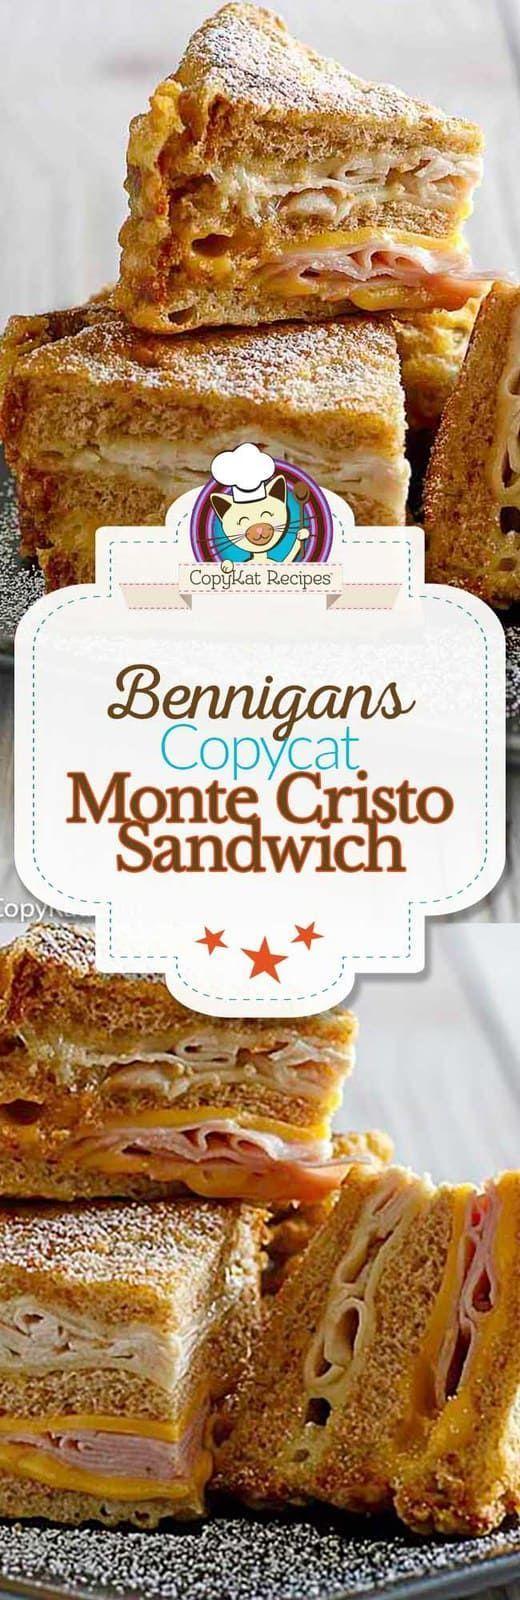 Bennigan's Monte Cristo Sandwich – make this famous sandwich at home #montecristosandwich Recreate this classic Bennigan's favorite - the Monte Cristo Sandwich at home. #copycat #copycatrecipe #bennigans #sandwich #montecristosandwich Bennigan's Monte Cristo Sandwich – make this famous sandwich at home #montecristosandwich Recreate this classic Bennigan's favorite - the Monte Cristo Sandwich at home. #copycat #copycatrecipe #bennigans #sandwich #montecristosandwich